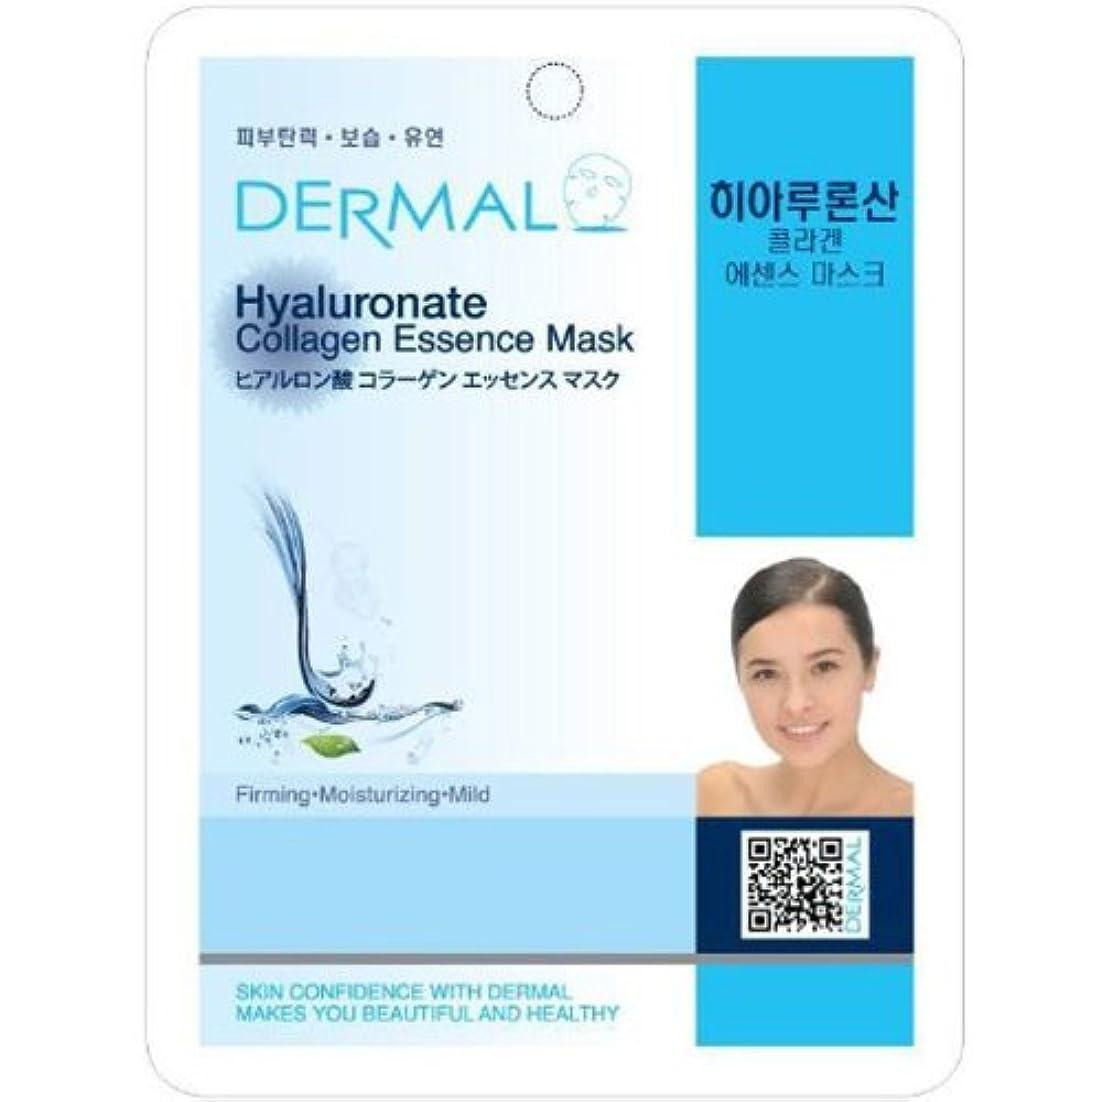 葉傾向がありますリーチシート マスク ヒアルロン酸 ダーマル Dermal 23g (10枚セット) 韓国コスメ フェイス パック